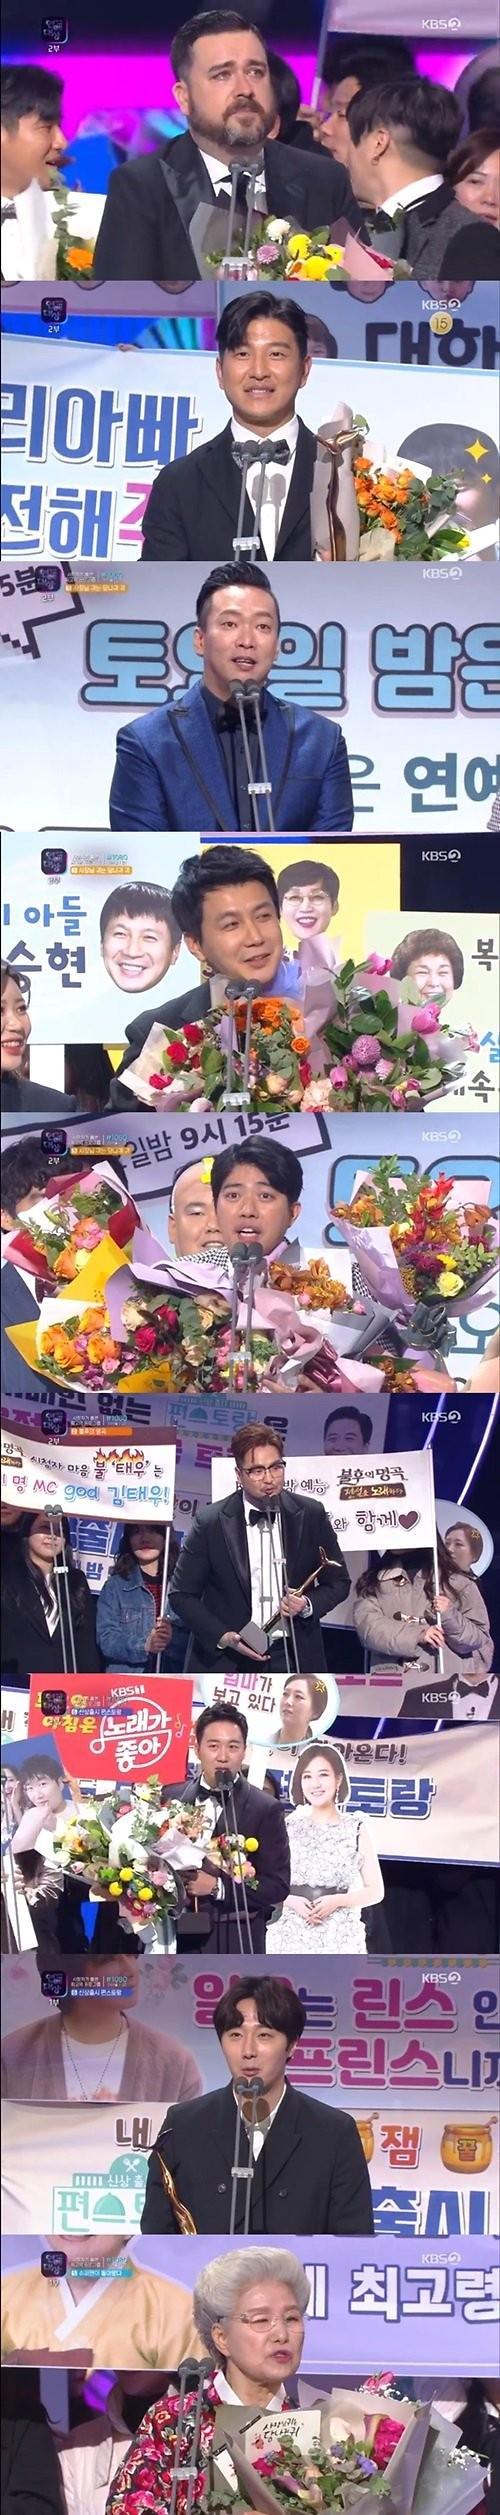 """[2019 KBS 연예대상] 슈퍼맨 아빠들 대상 수상…박주호 """"나은·건후 동생 생겨""""(종합)"""